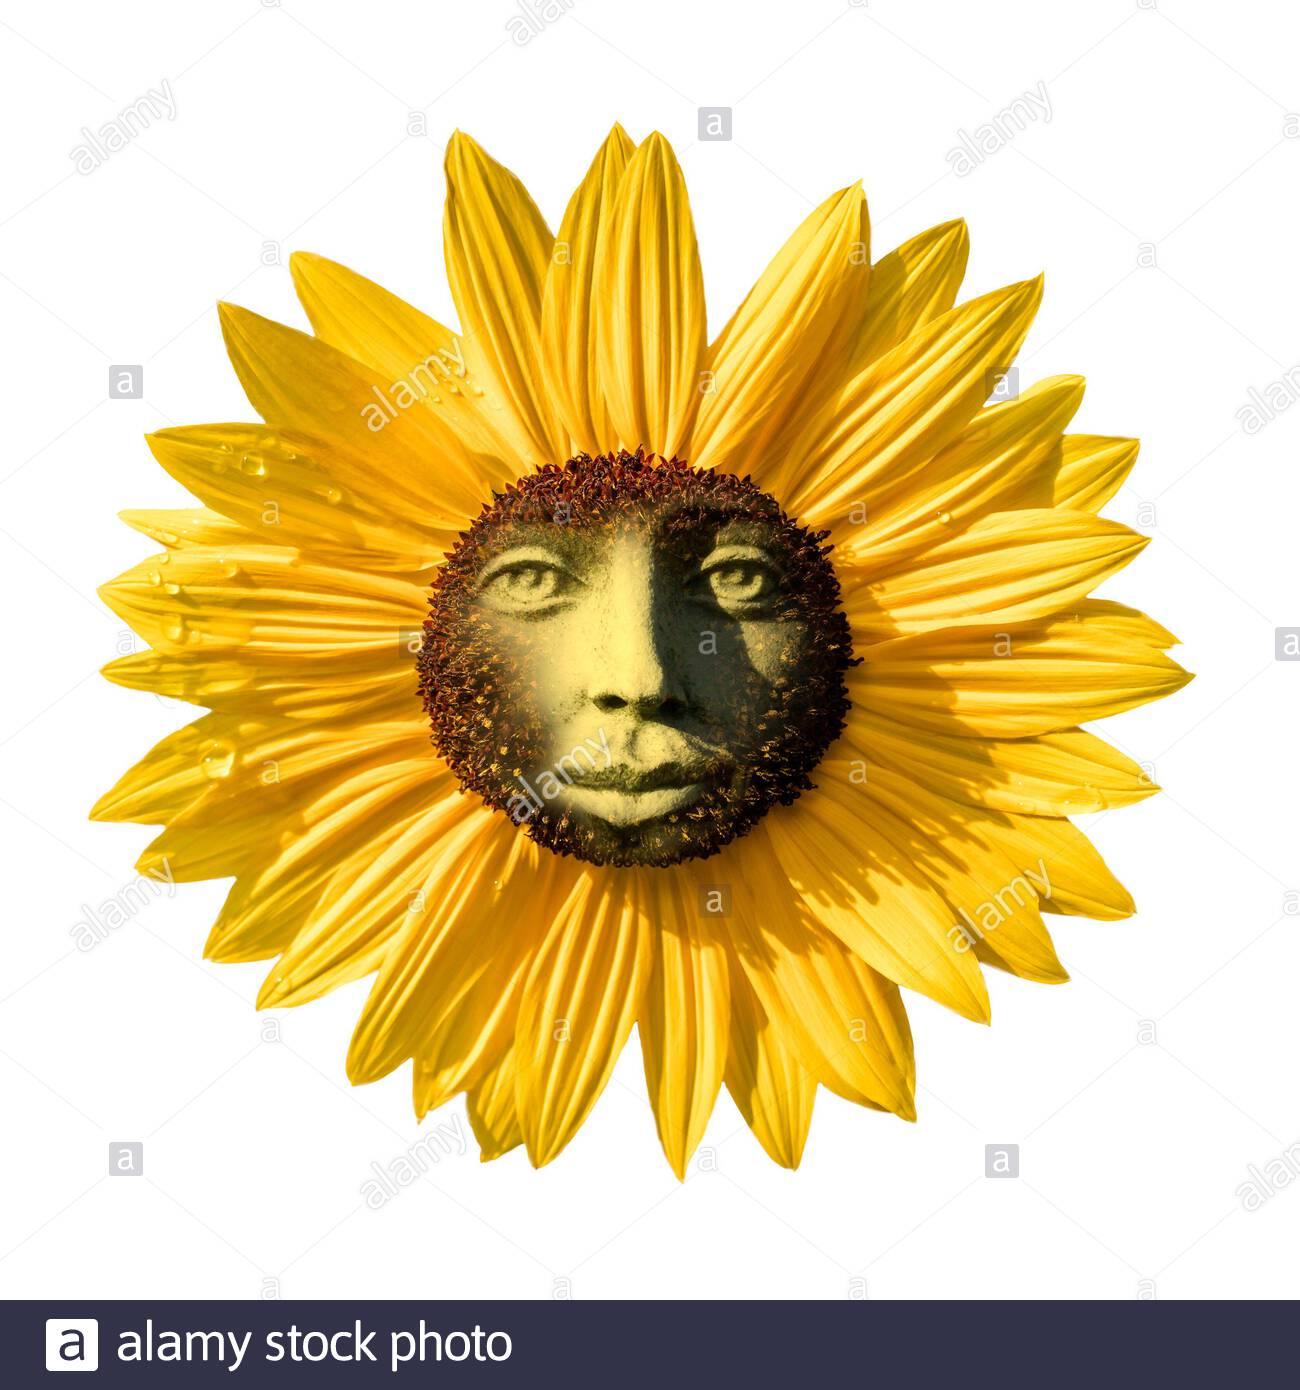 sun-deity-solar-sun-god-sunburst-energy-